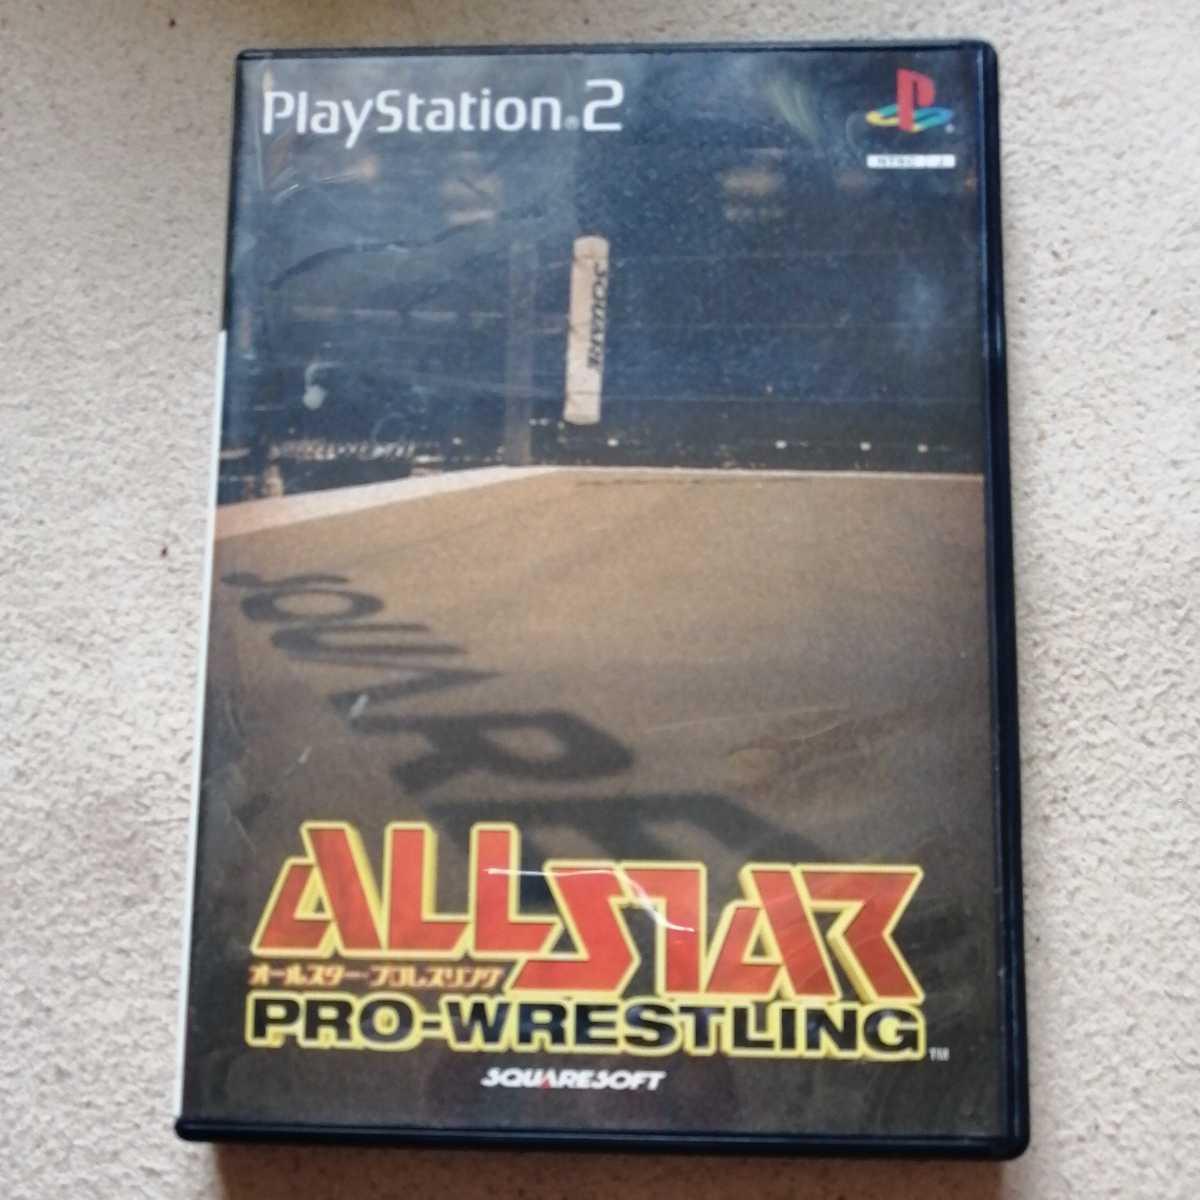 プレイステーション PS2ソフト オールスター・プロレスリング アントニオ猪木 力道山